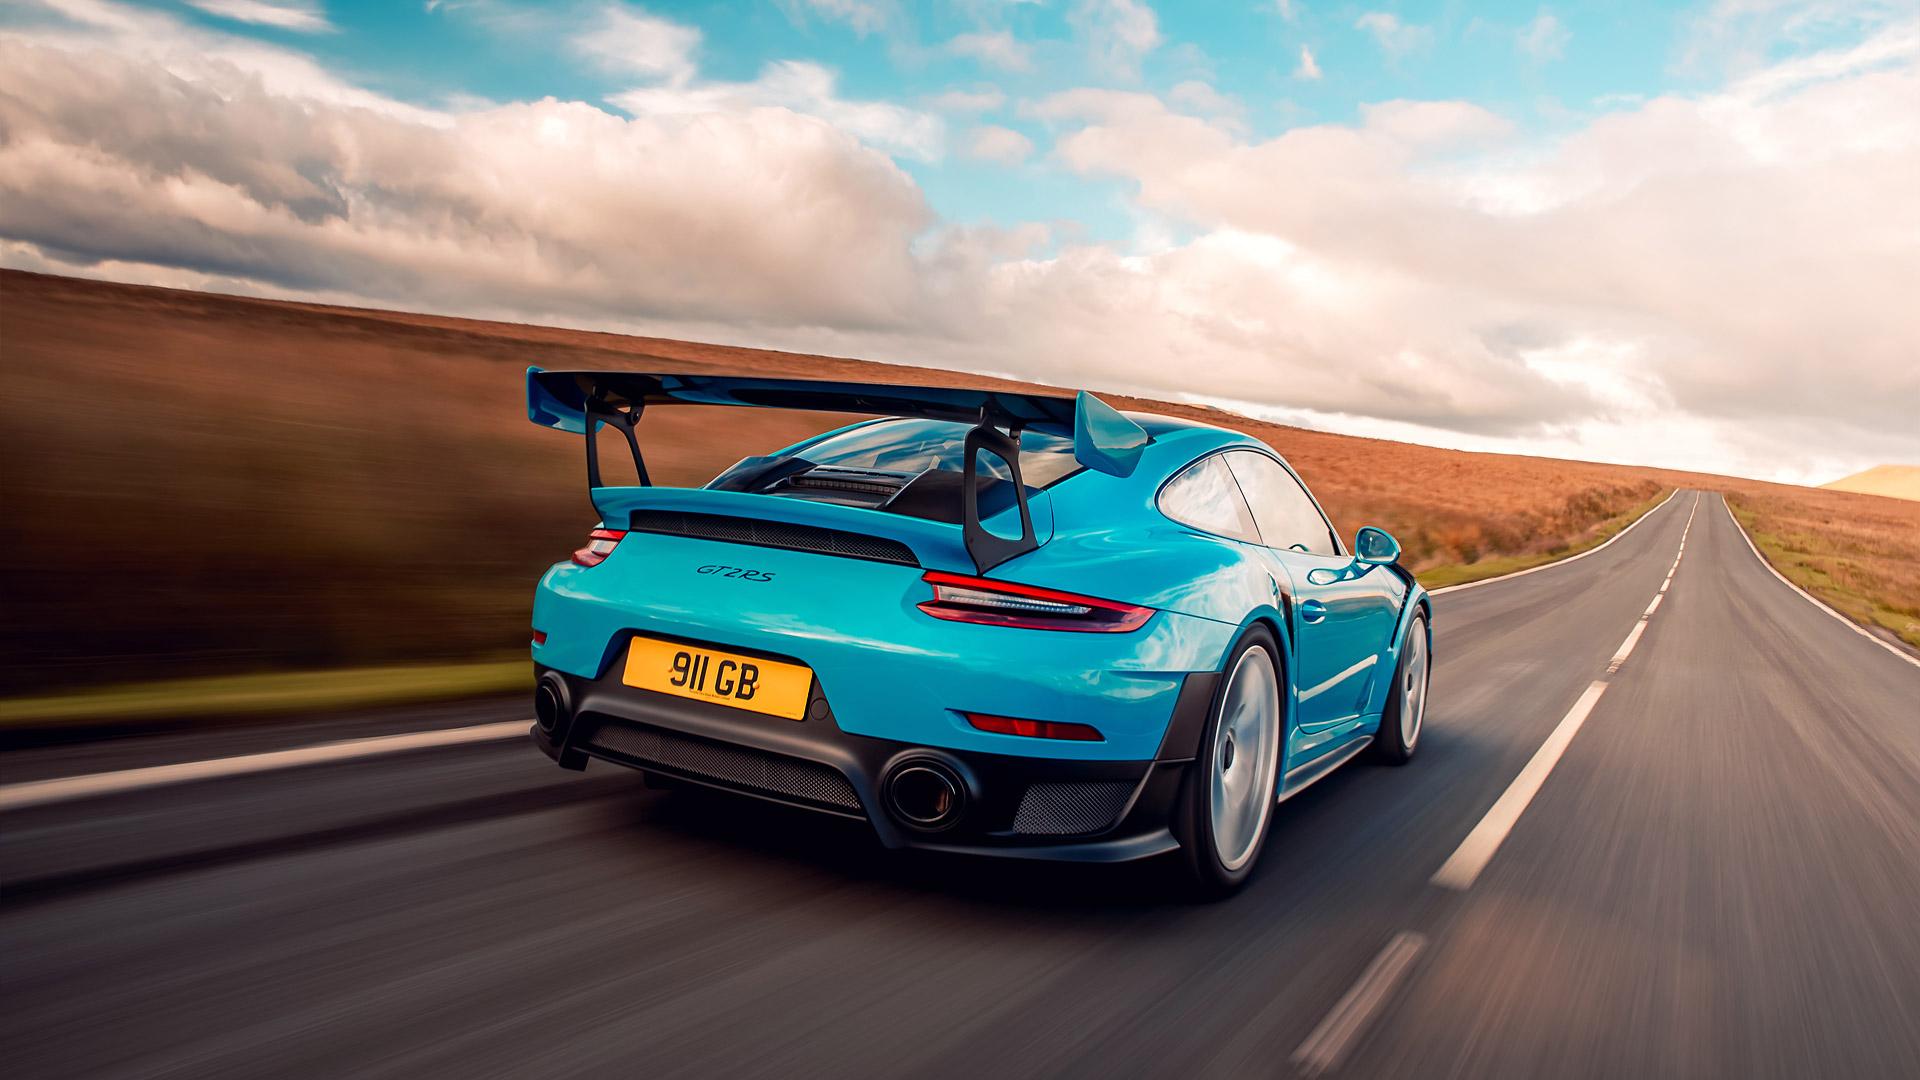 2018 Porsche 911 GT2 RS Wallpapers